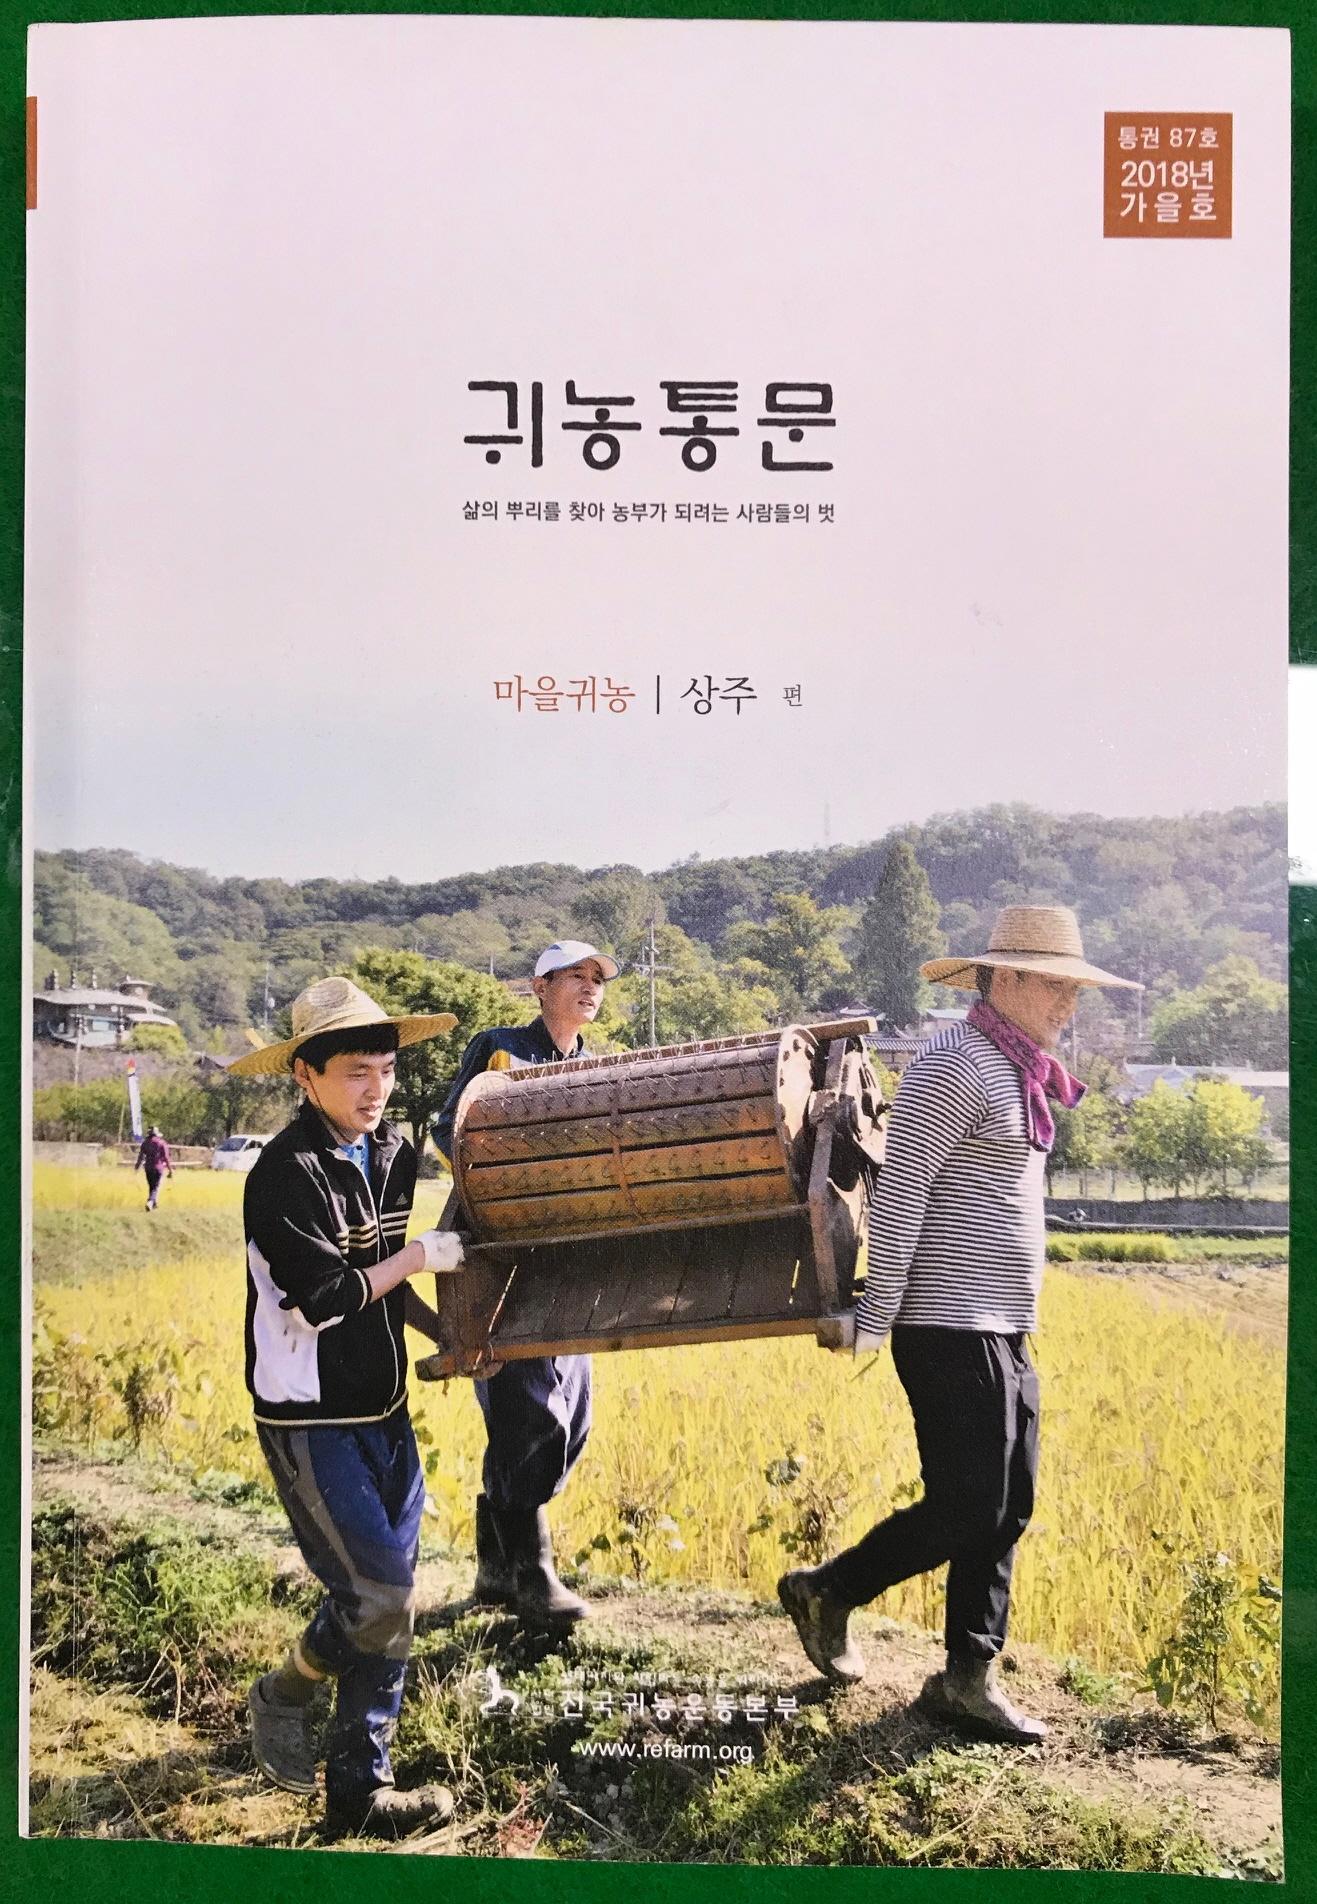 [농업정책과] 상주의 귀농인, 귀농통문 가을호에서 만나다.jpg